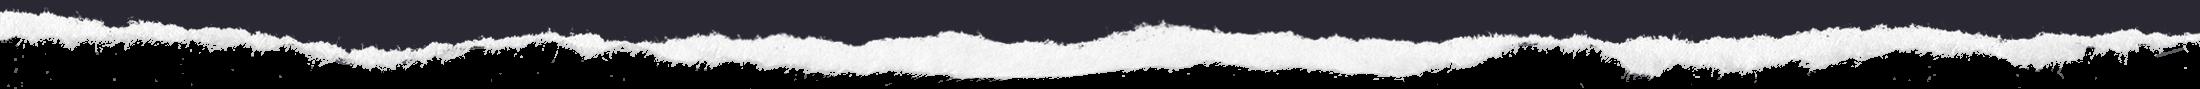 PaperRip Top DarkBlueGrey